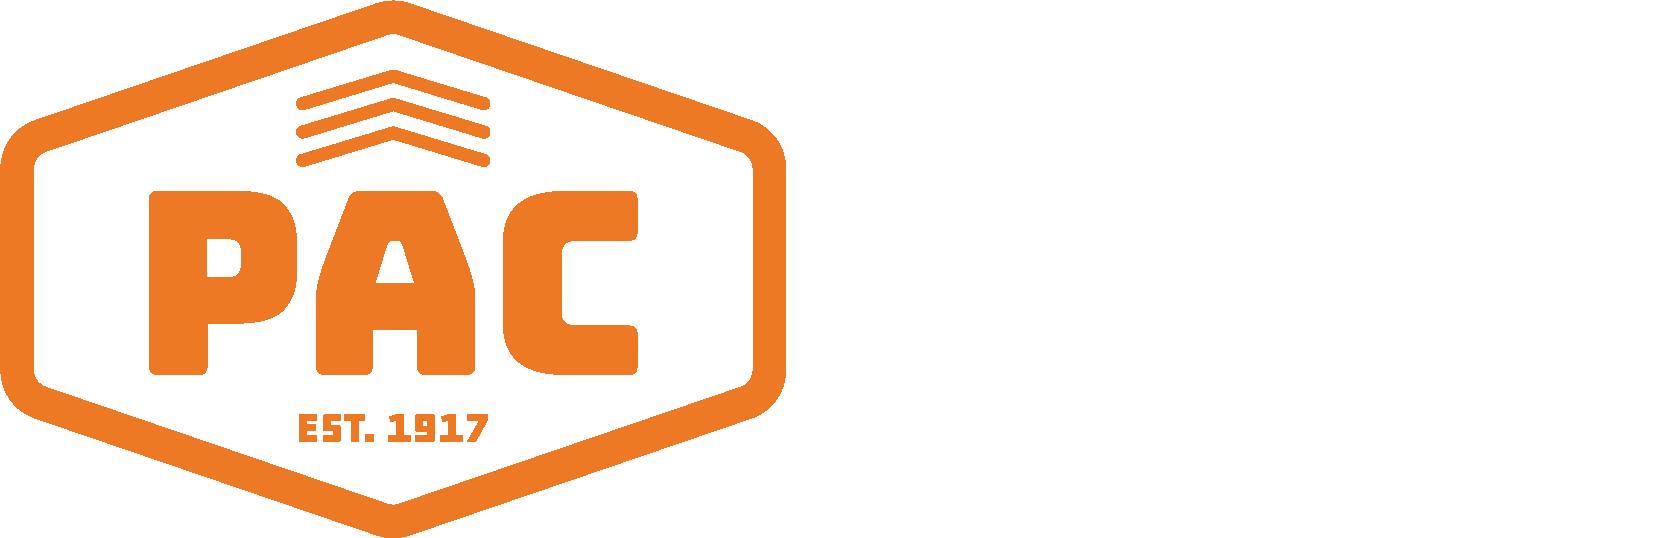 Peter Albrecht Company